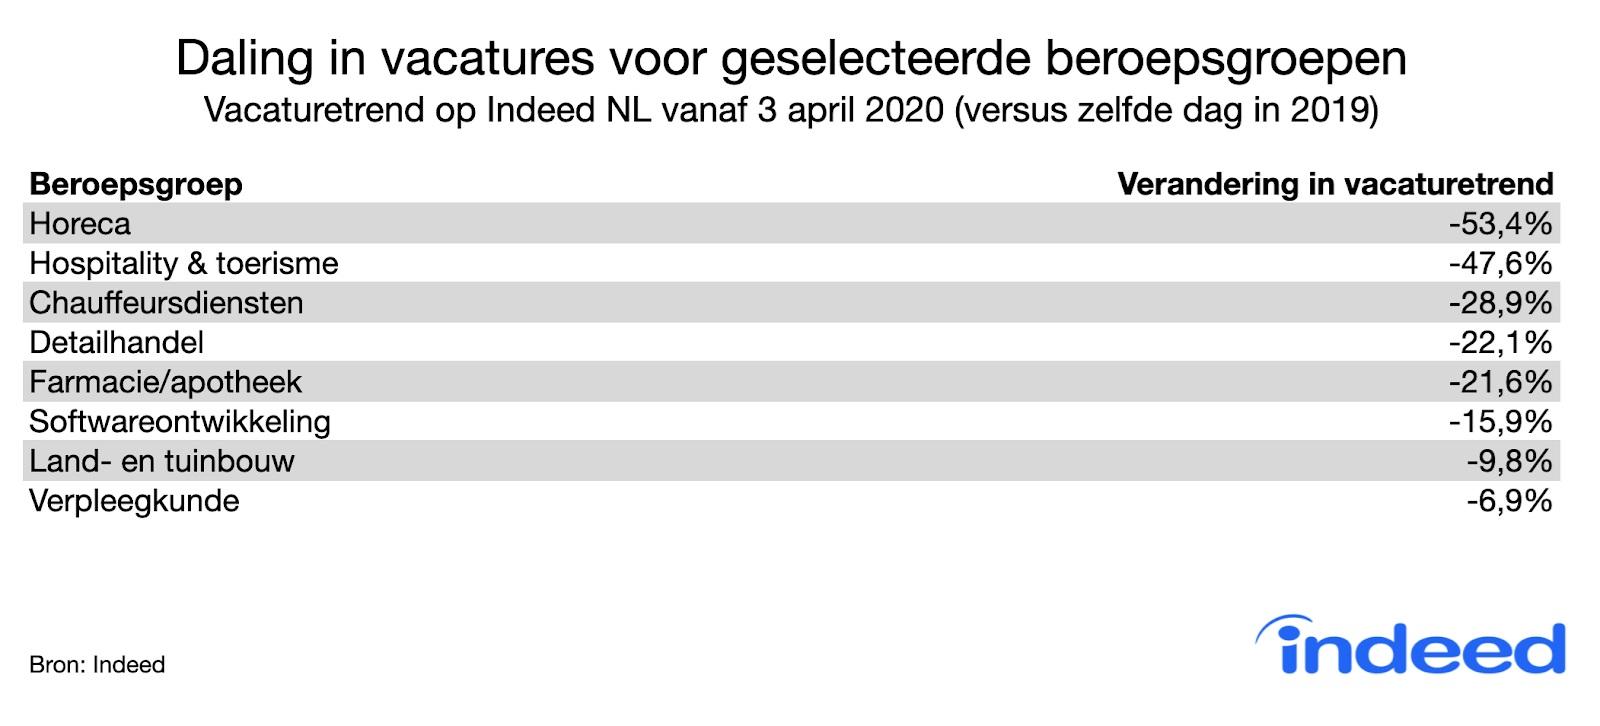 Daling in vacatures voor beroepsgroepen sinds 3 april 2020